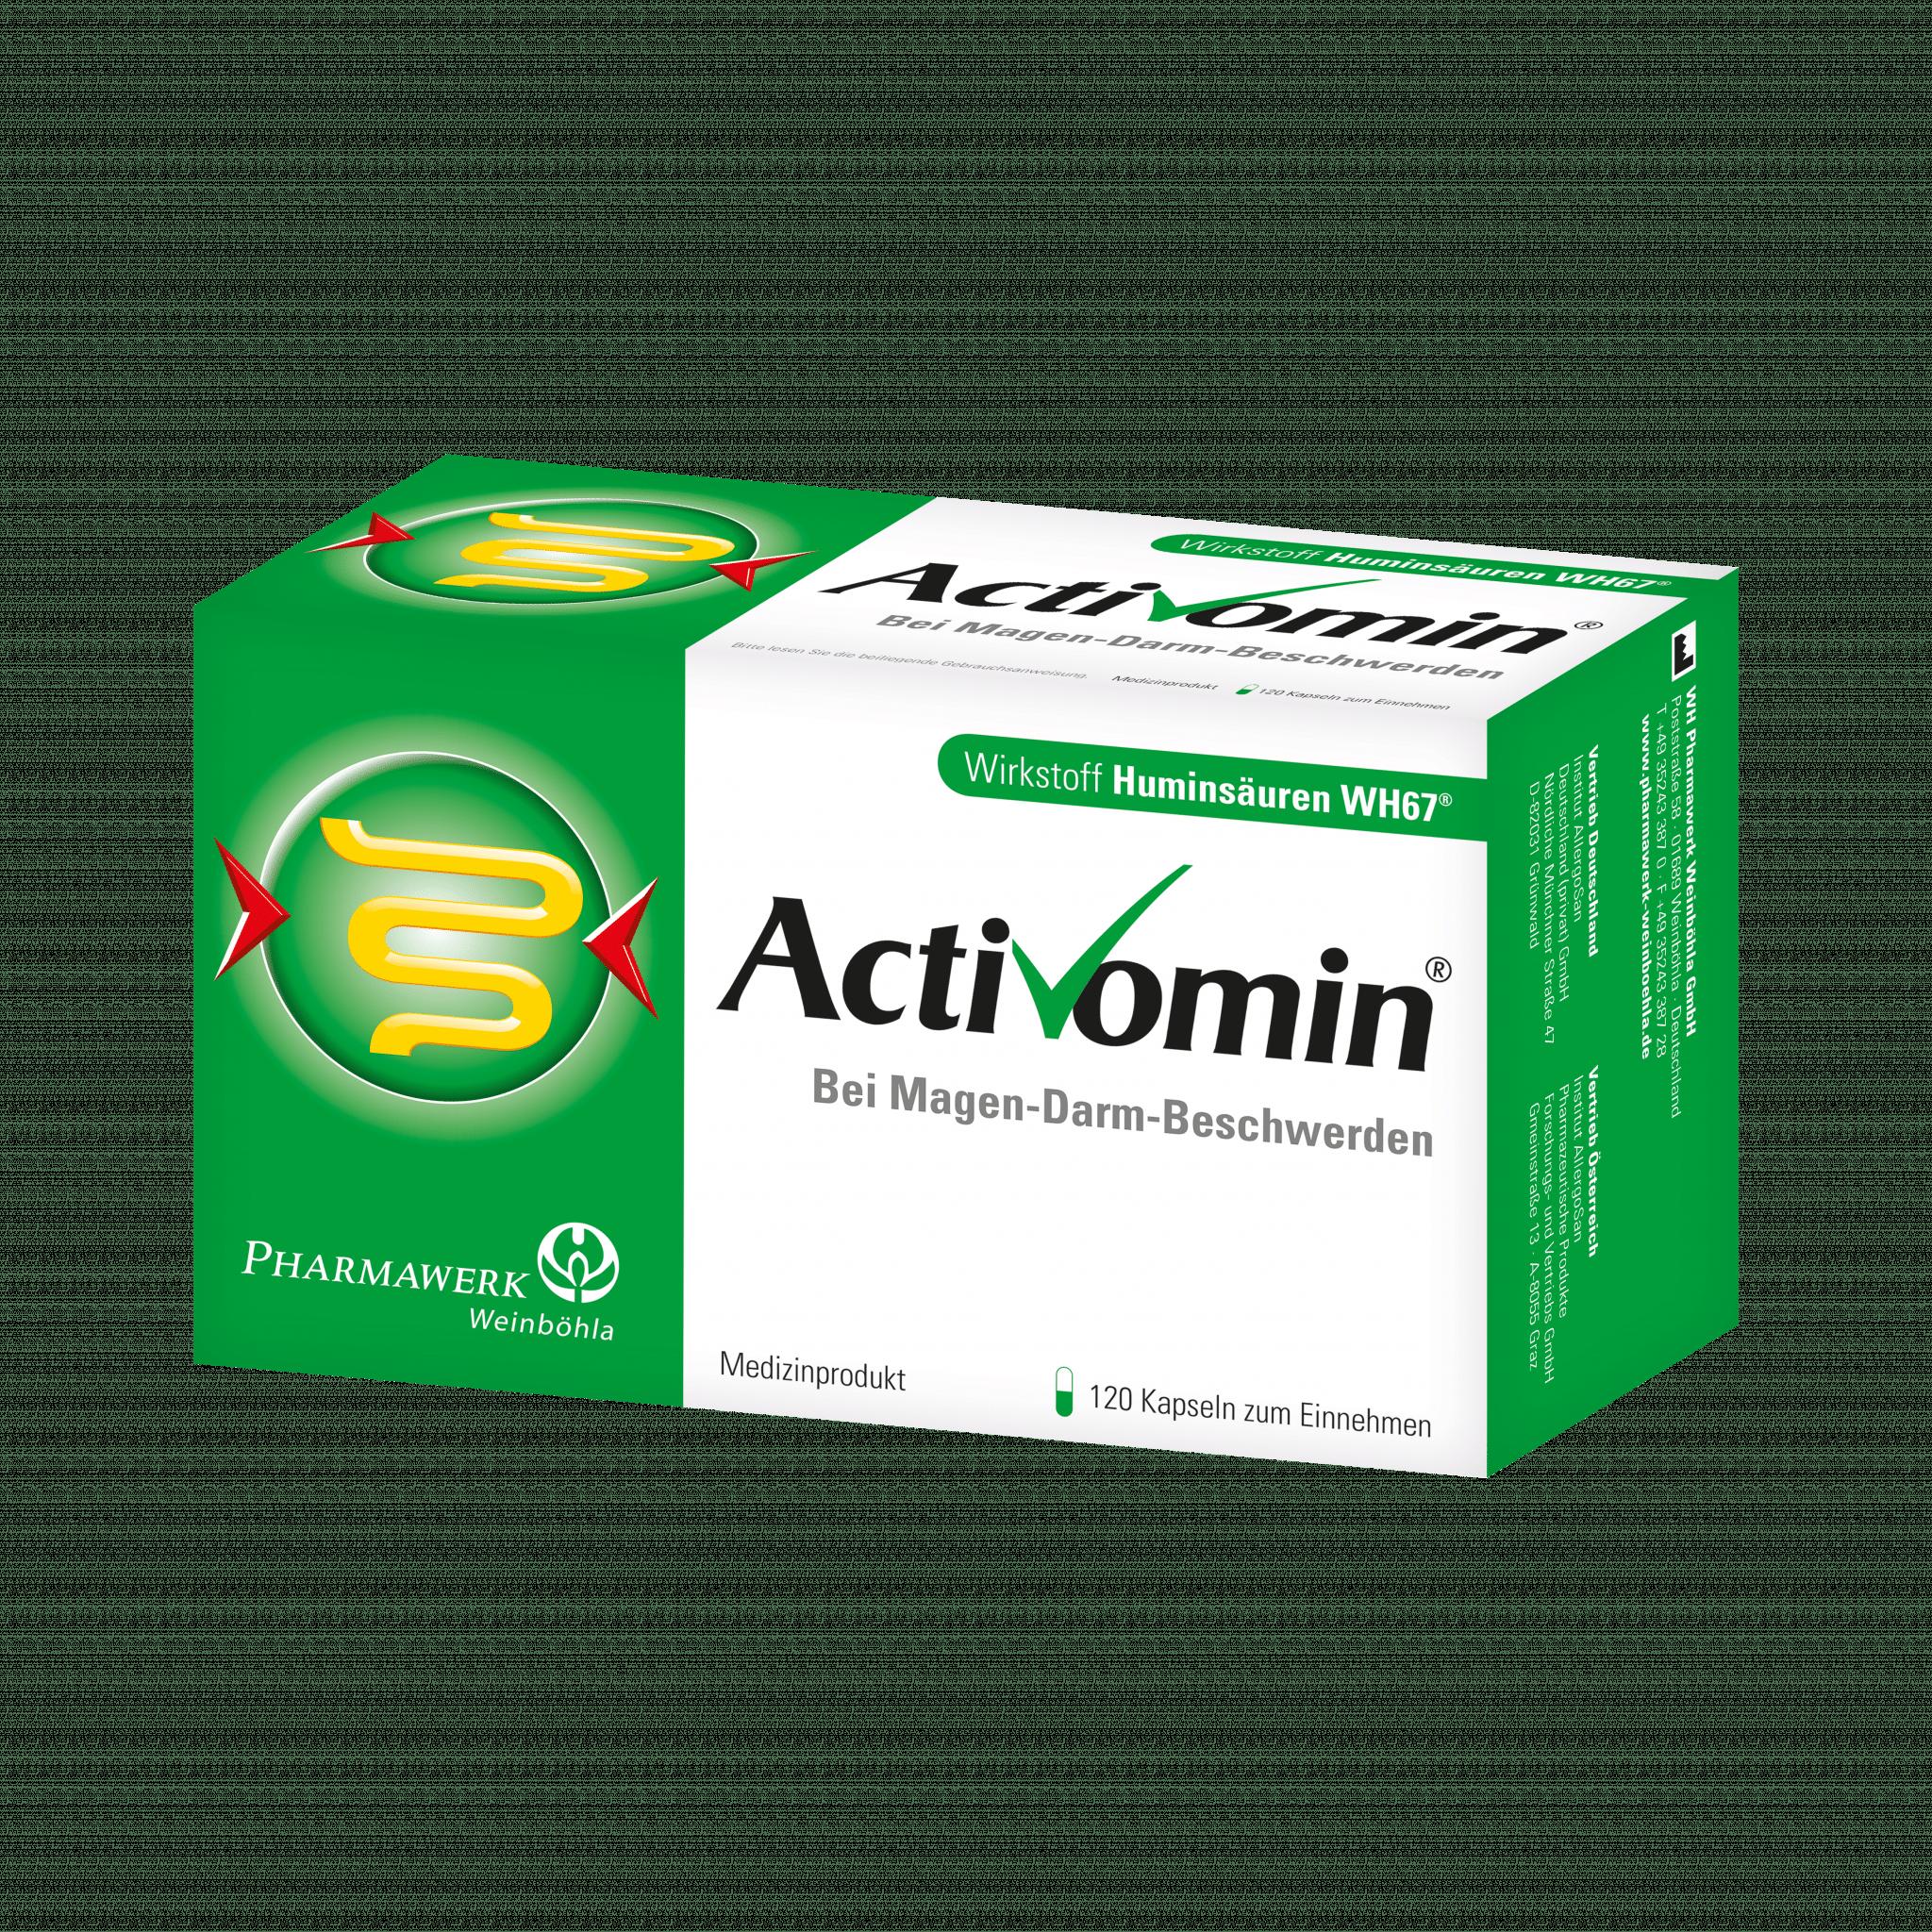 Activomin® Natürliche Huminsäuren für Magen und Darm